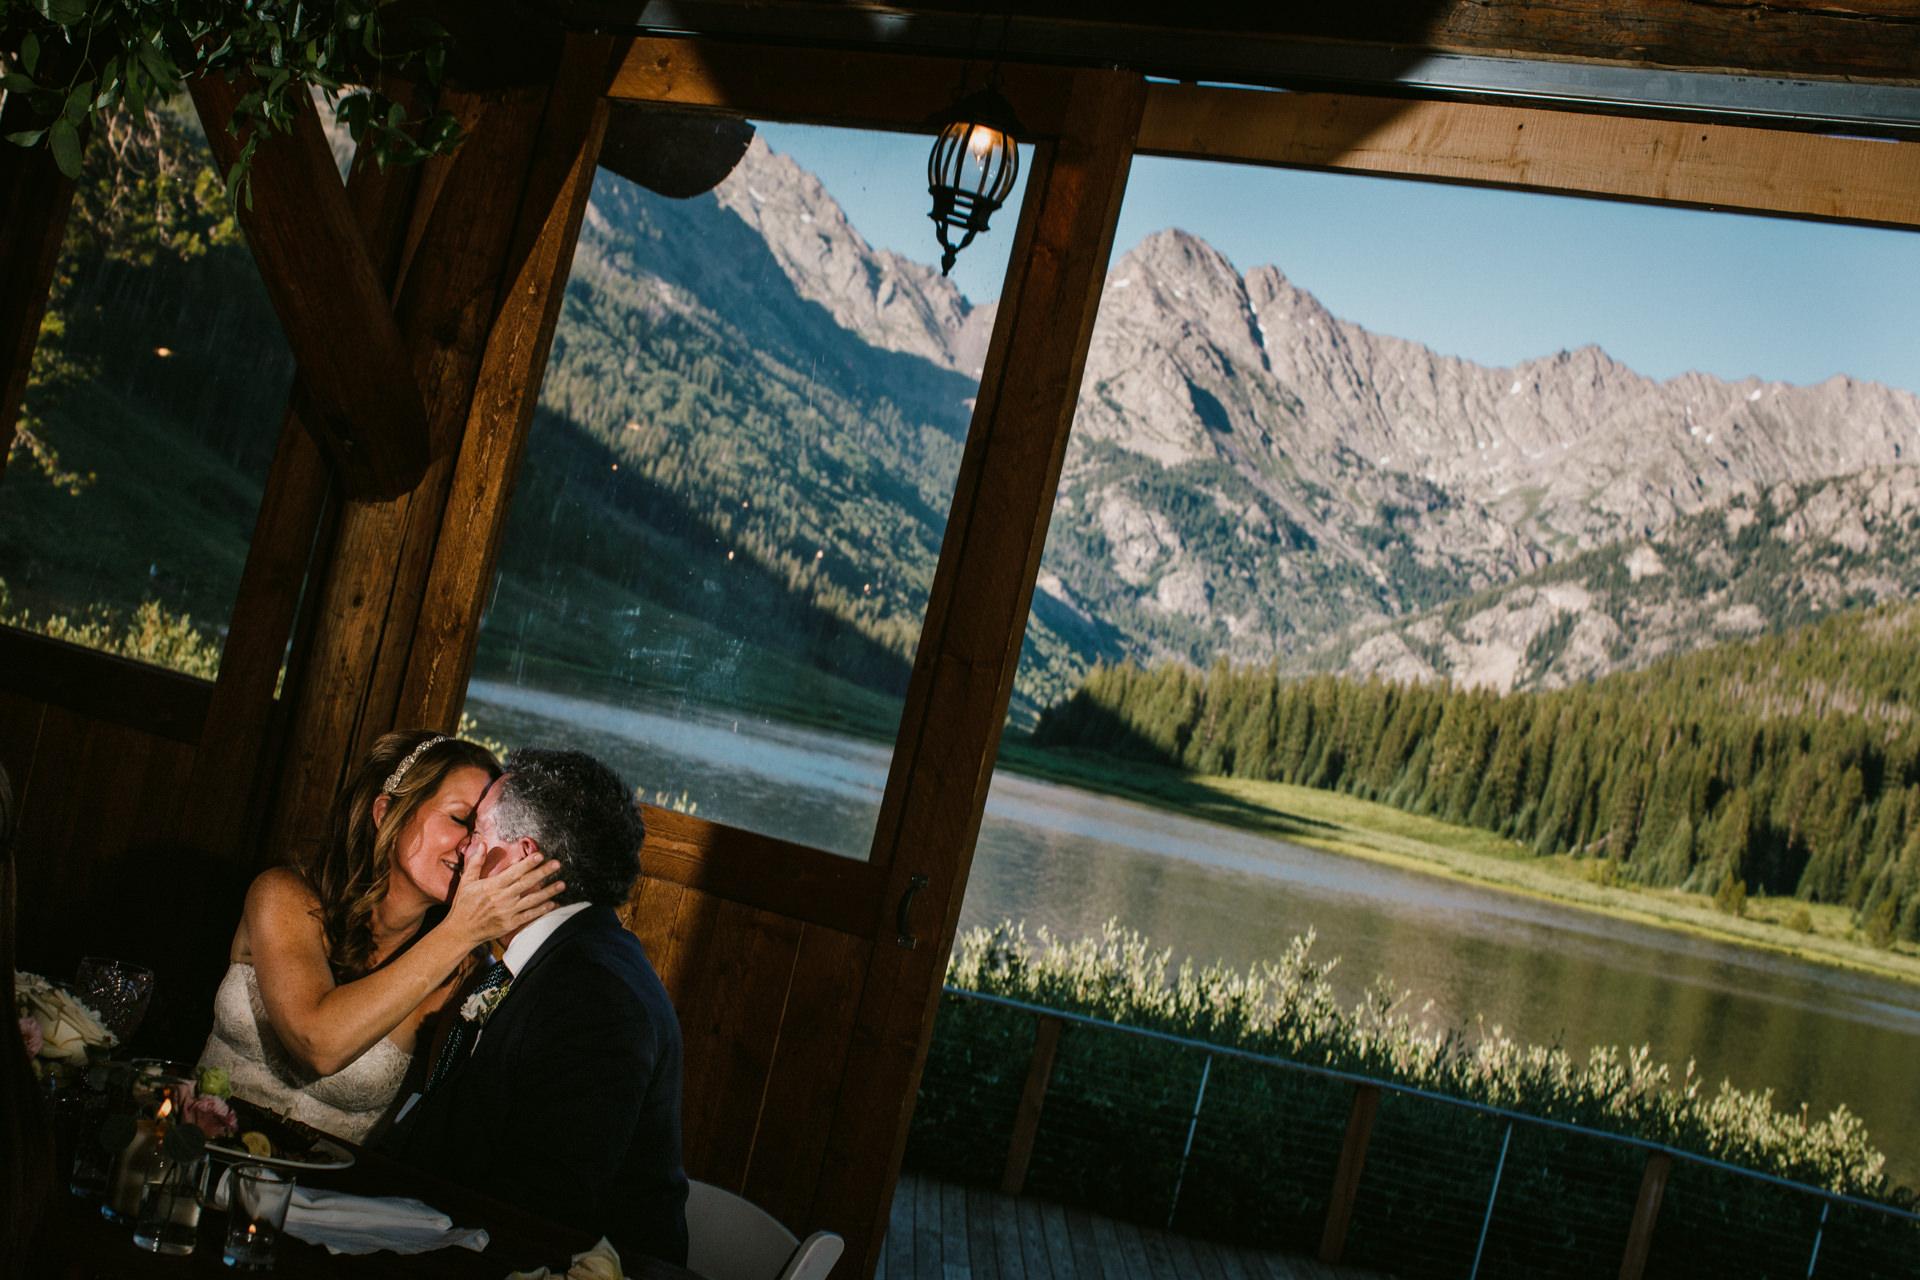 落基山婚礼照片-派尼河牧场婚礼在晚餐中分享一个吻